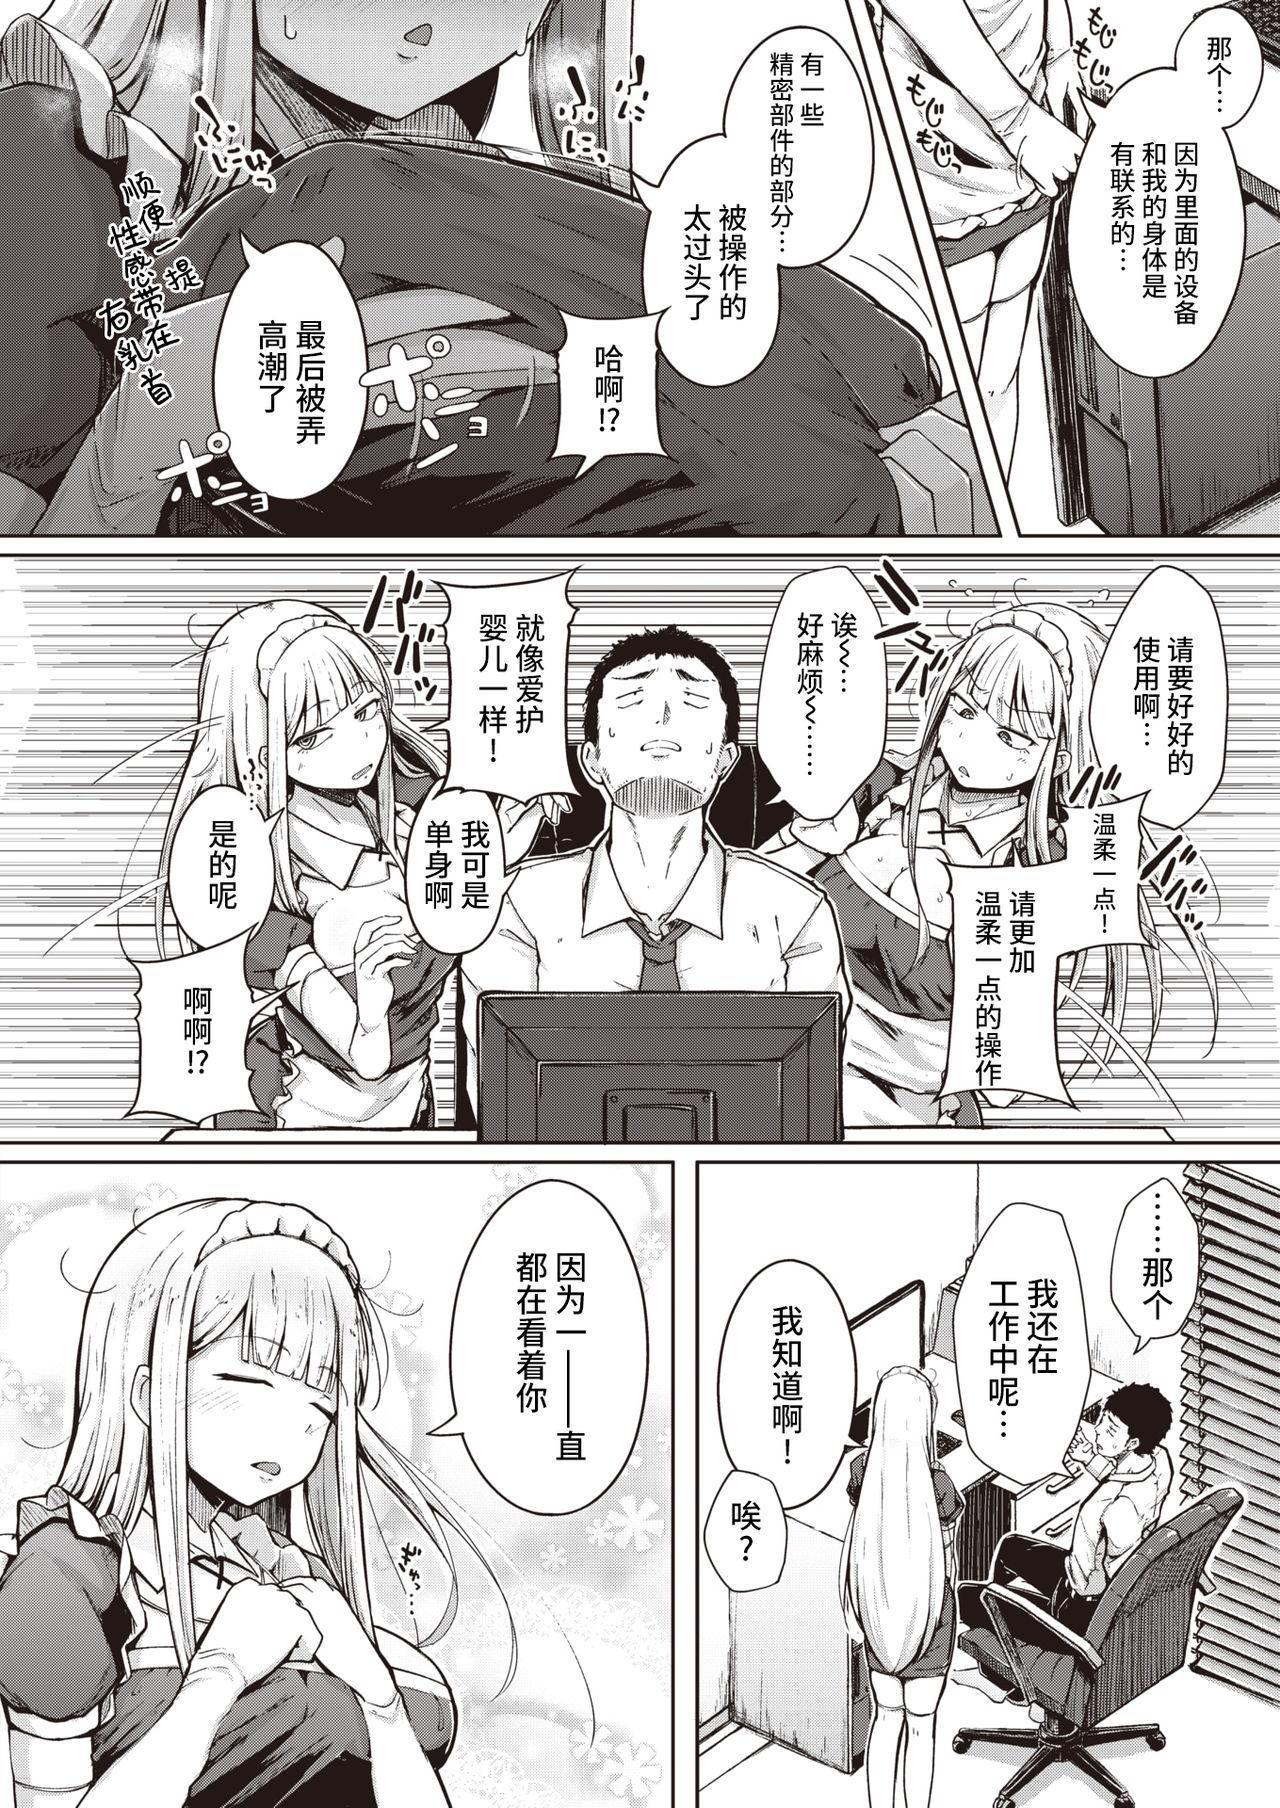 Tsukumogami - The more useful the more Ecchi!!! 3